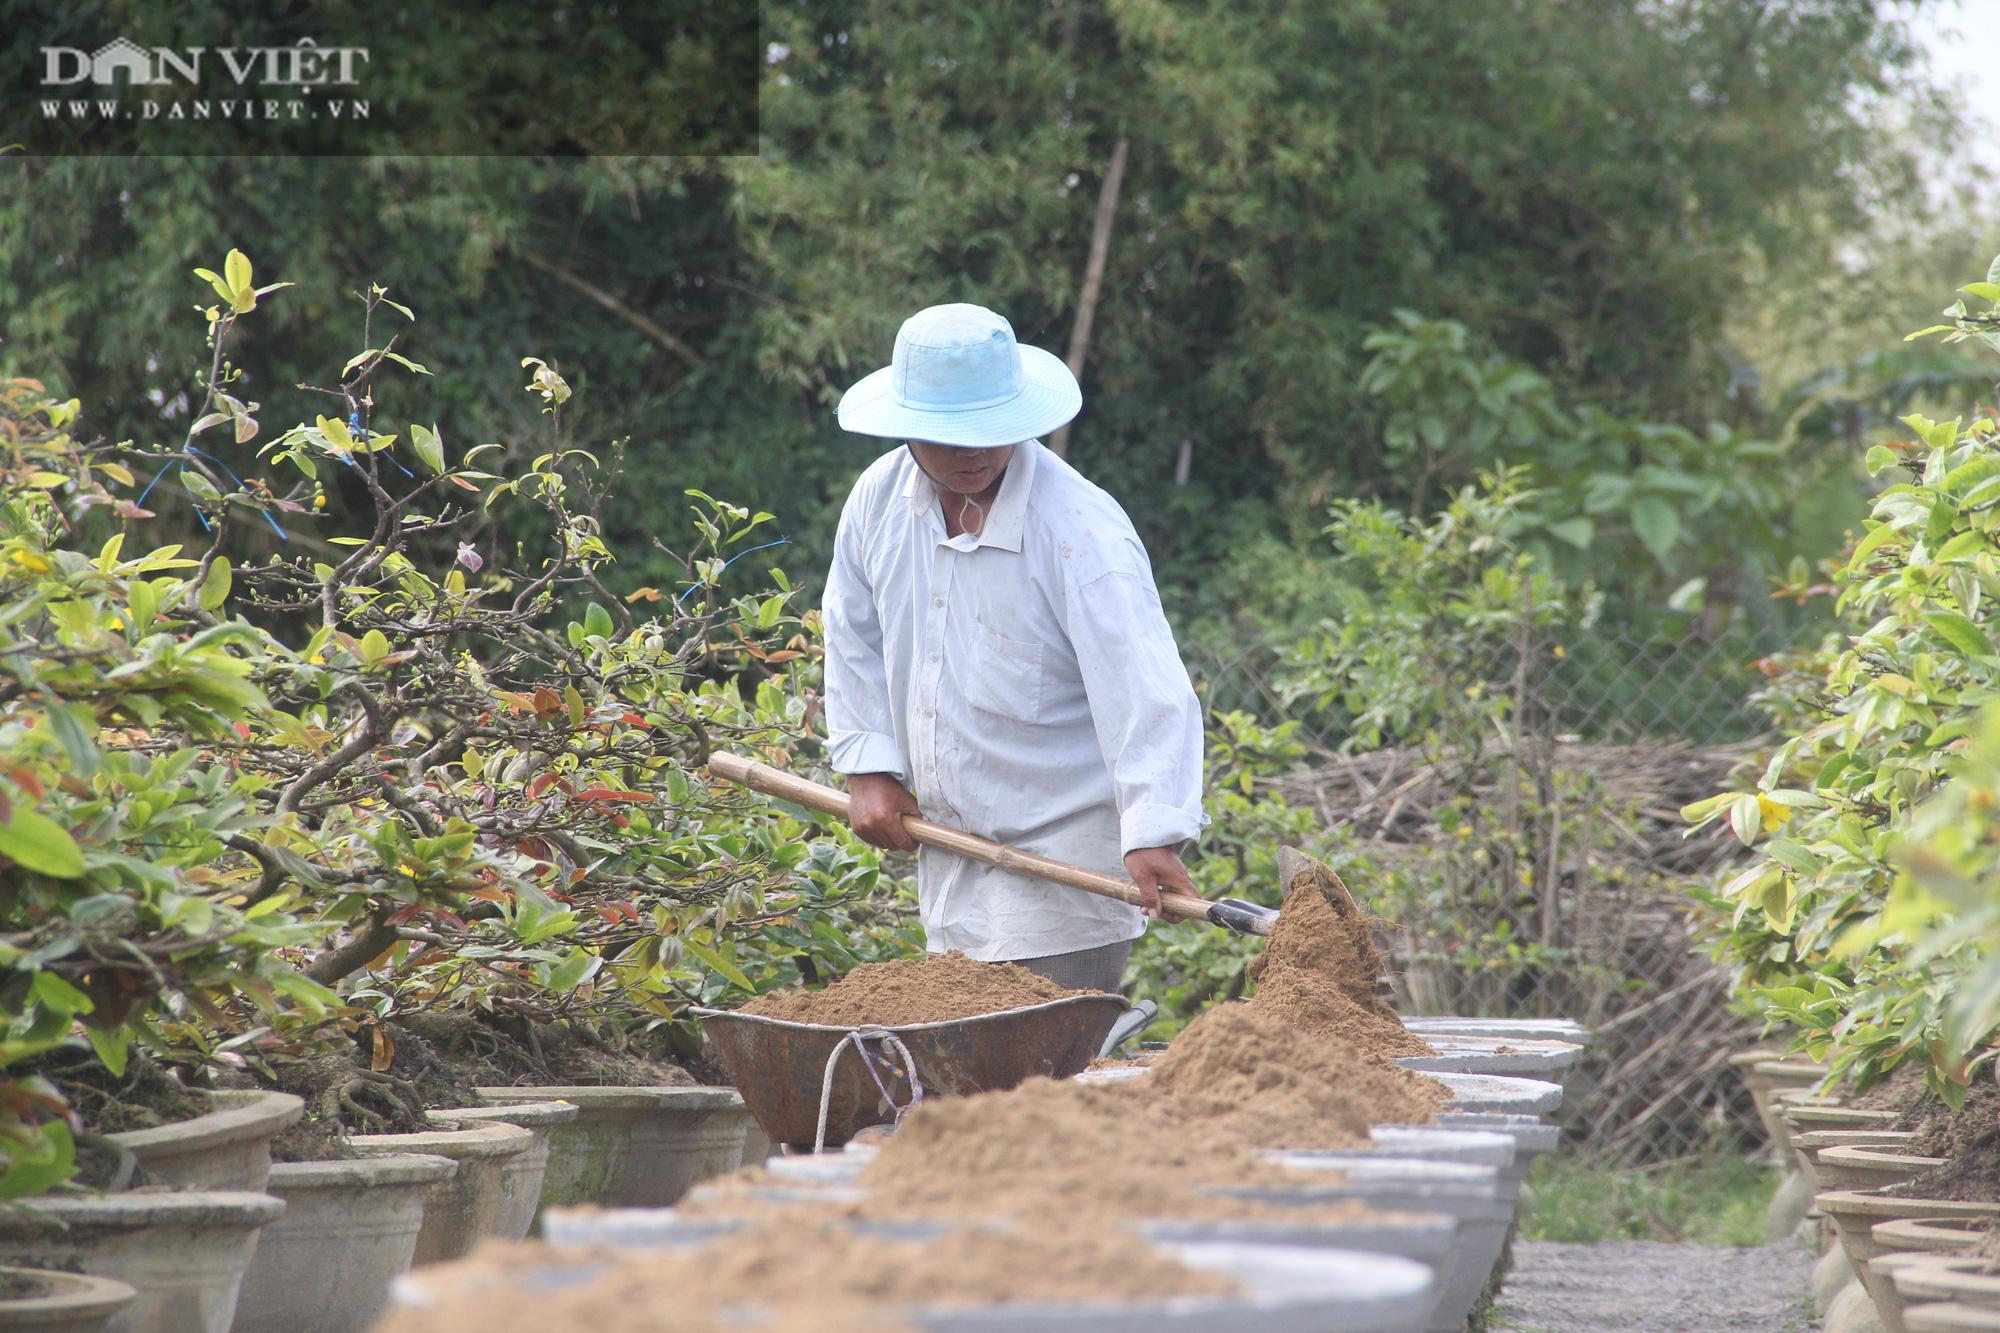 """Nhà vườn """"thủ phủ"""" mai vàng miền Trung tất bật chăm sóc cho cây hái ra tiền - Ảnh 8."""